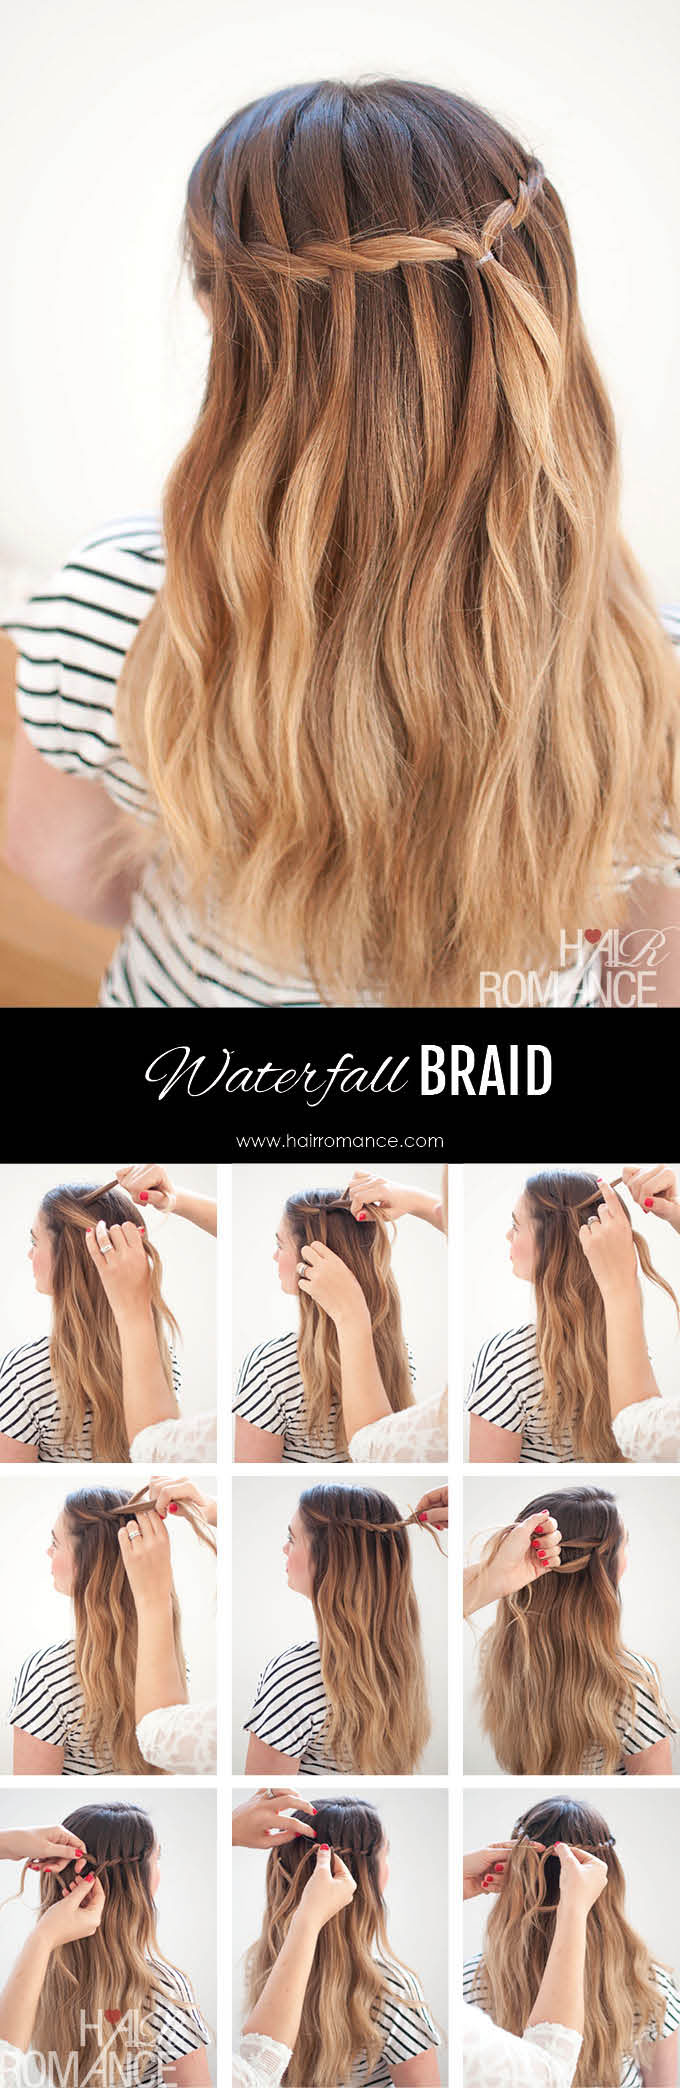 Waterfall Braid Tutorial for Long Hair